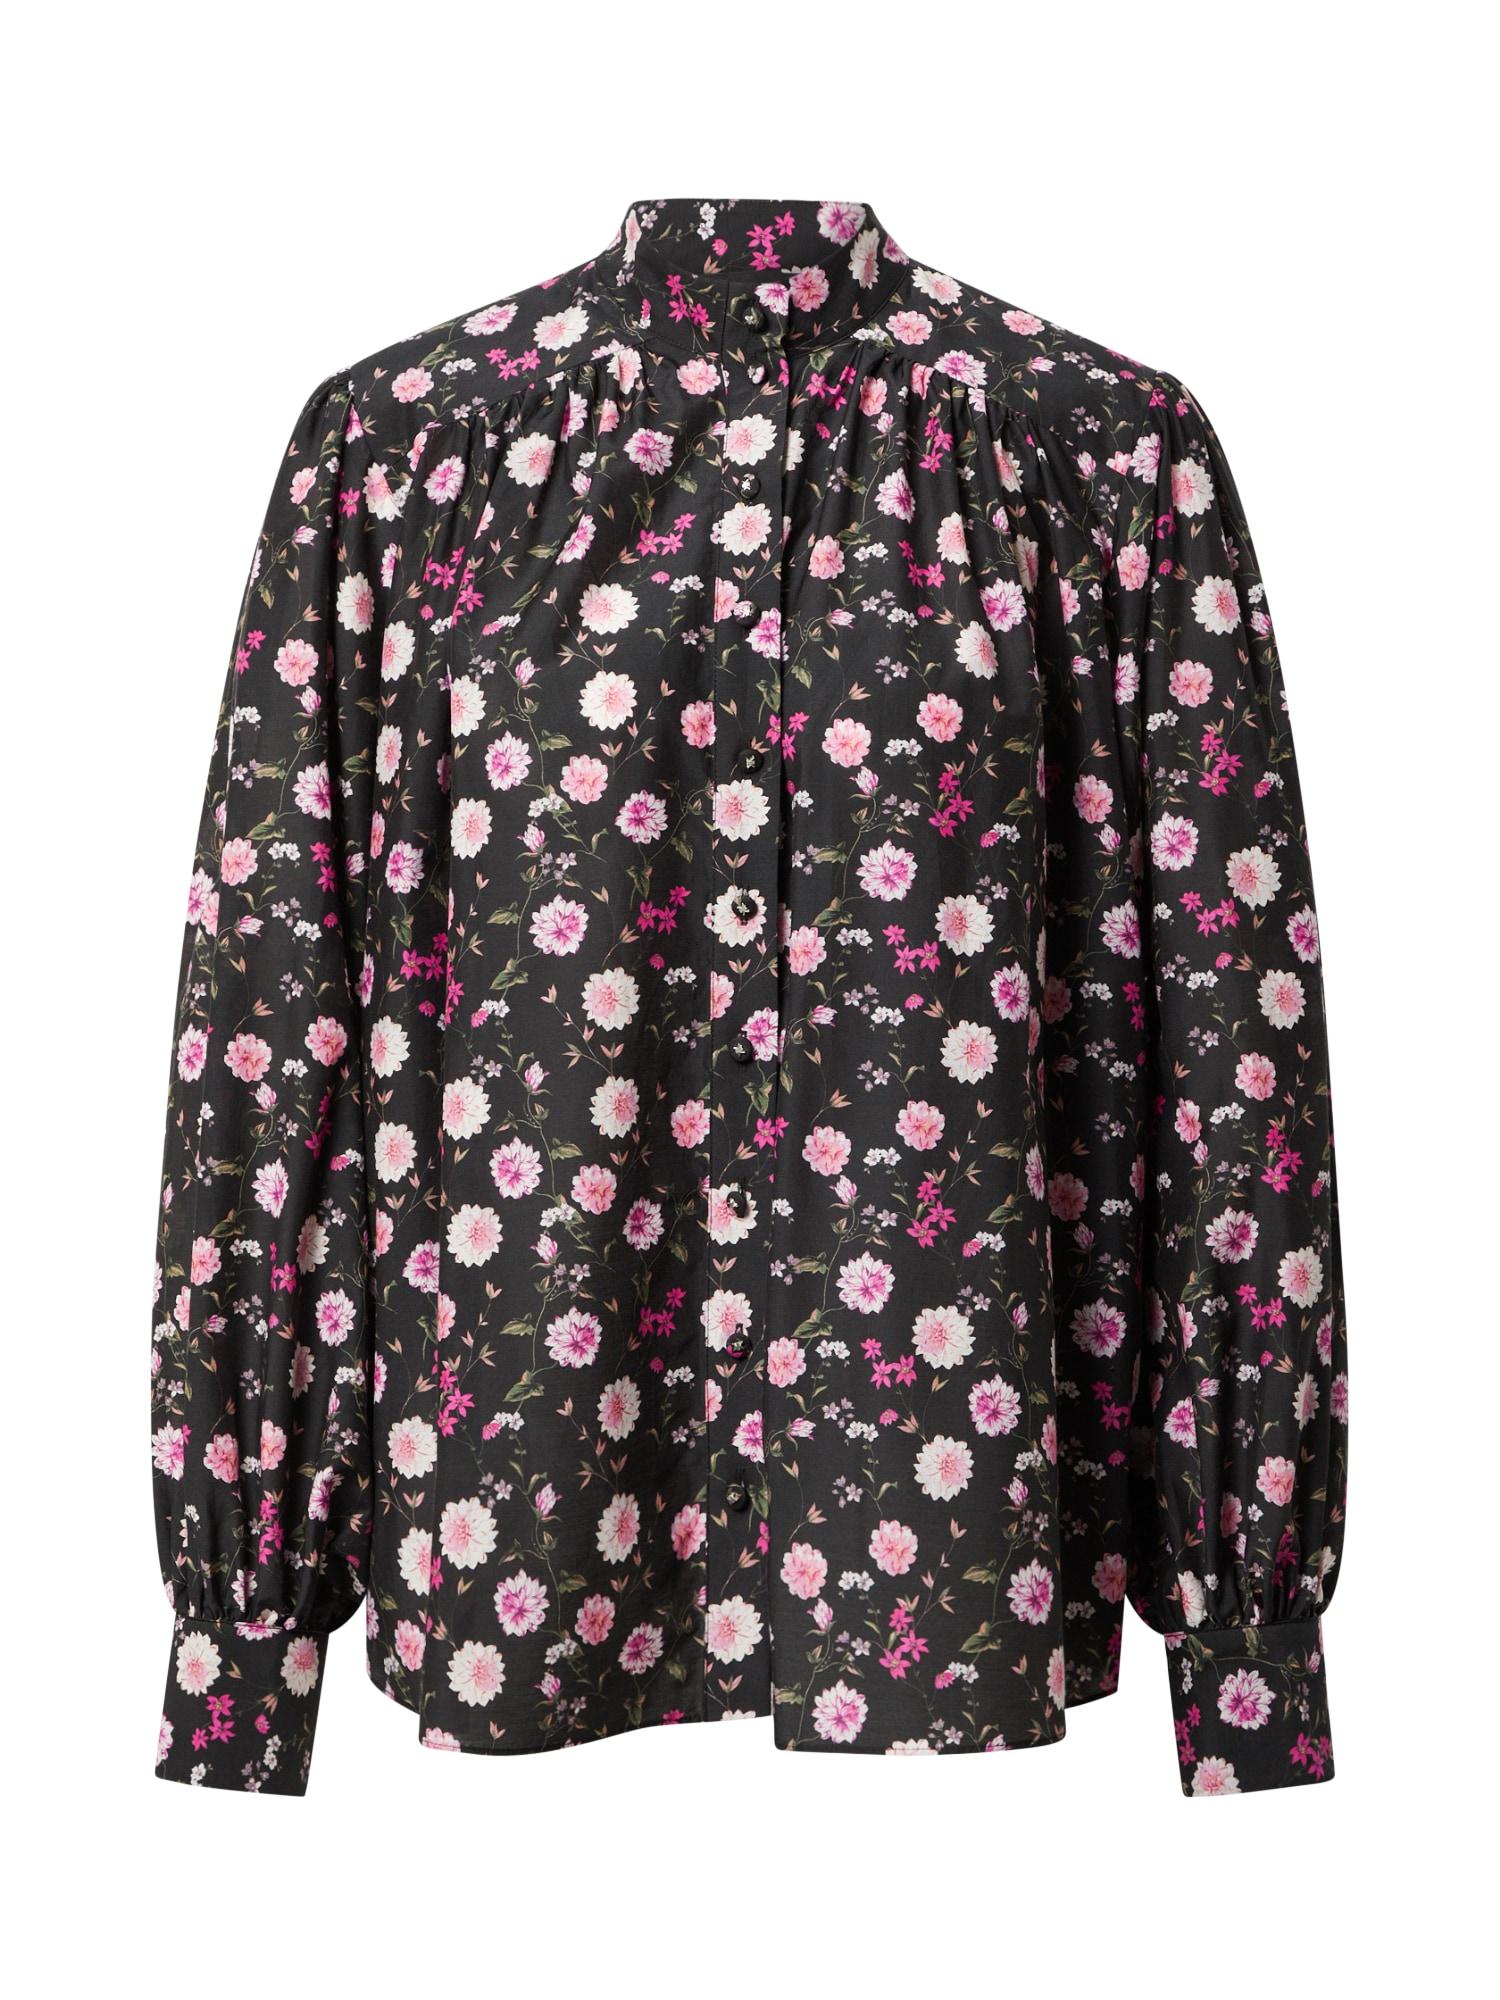 The Kooples Palaidinė juoda / rožių spalva / ryškiai rožinė spalva / rožinė / alyvuogių spalva